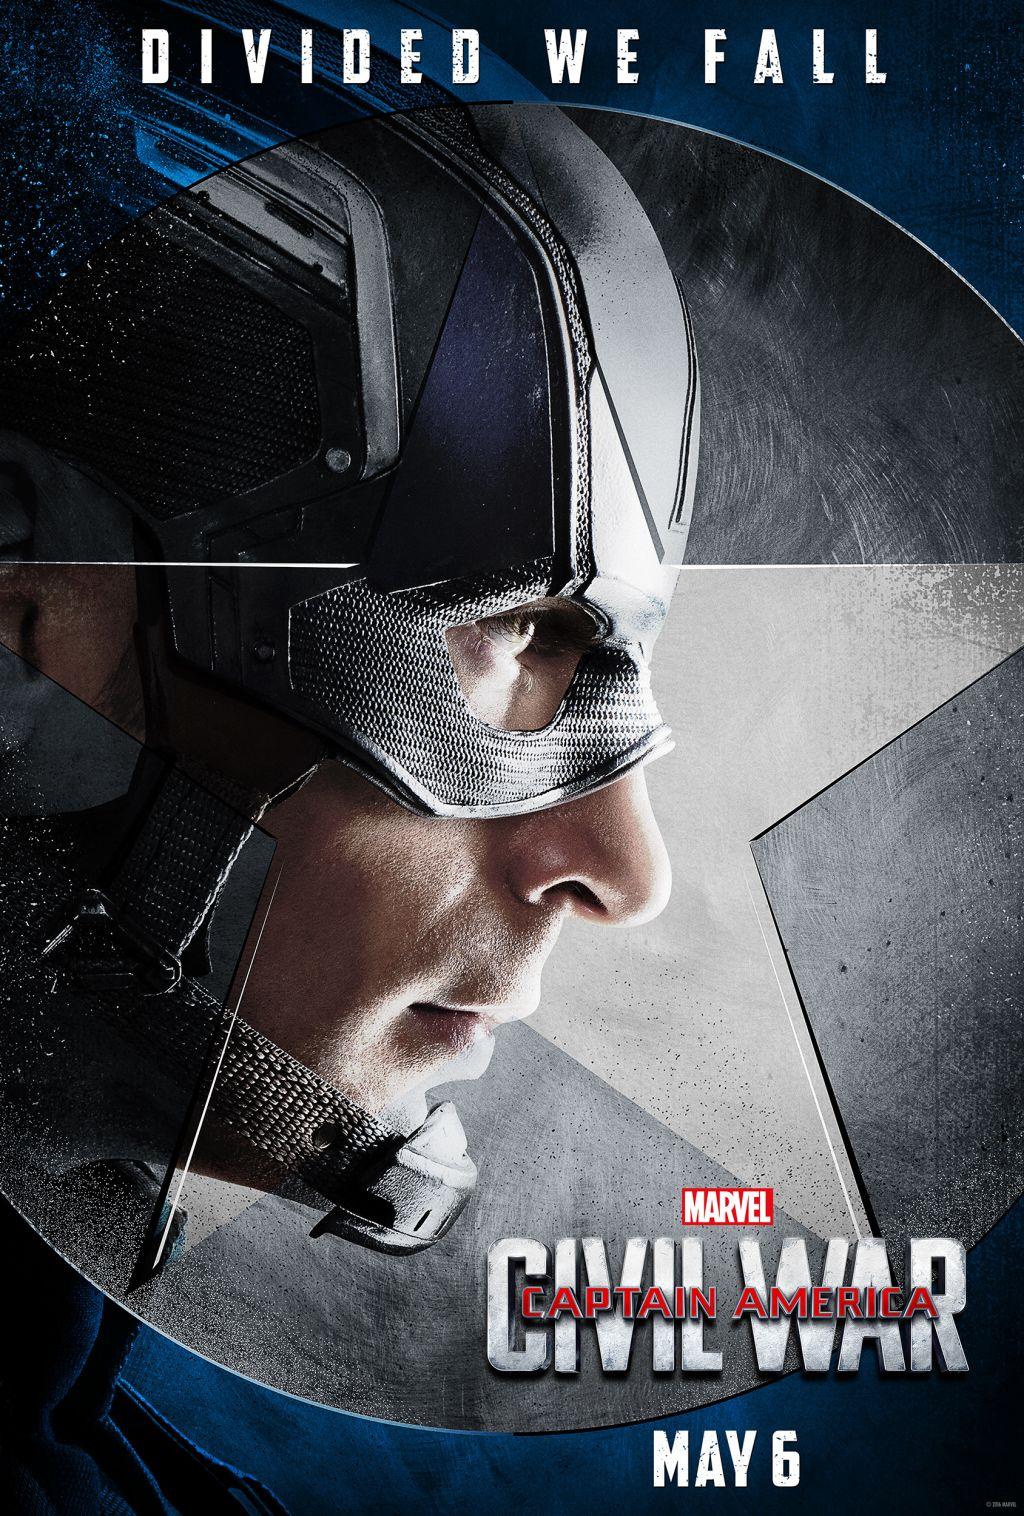 Captain America: Civil War posters